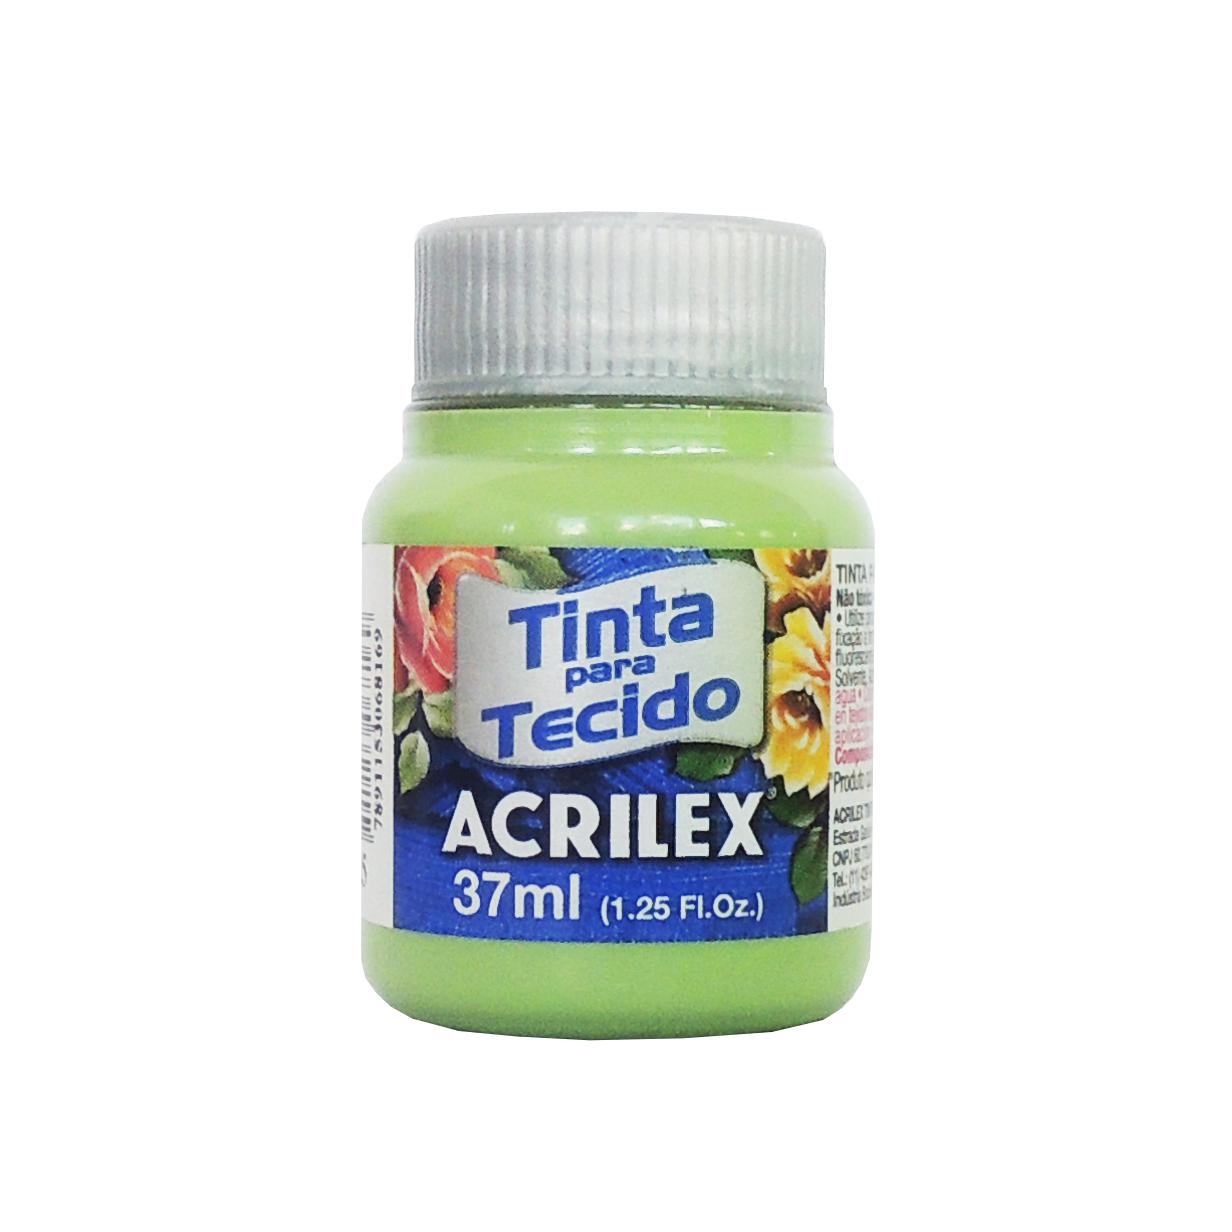 tinta-para-tecido-acrilex-37ml-985-verde-kiwi